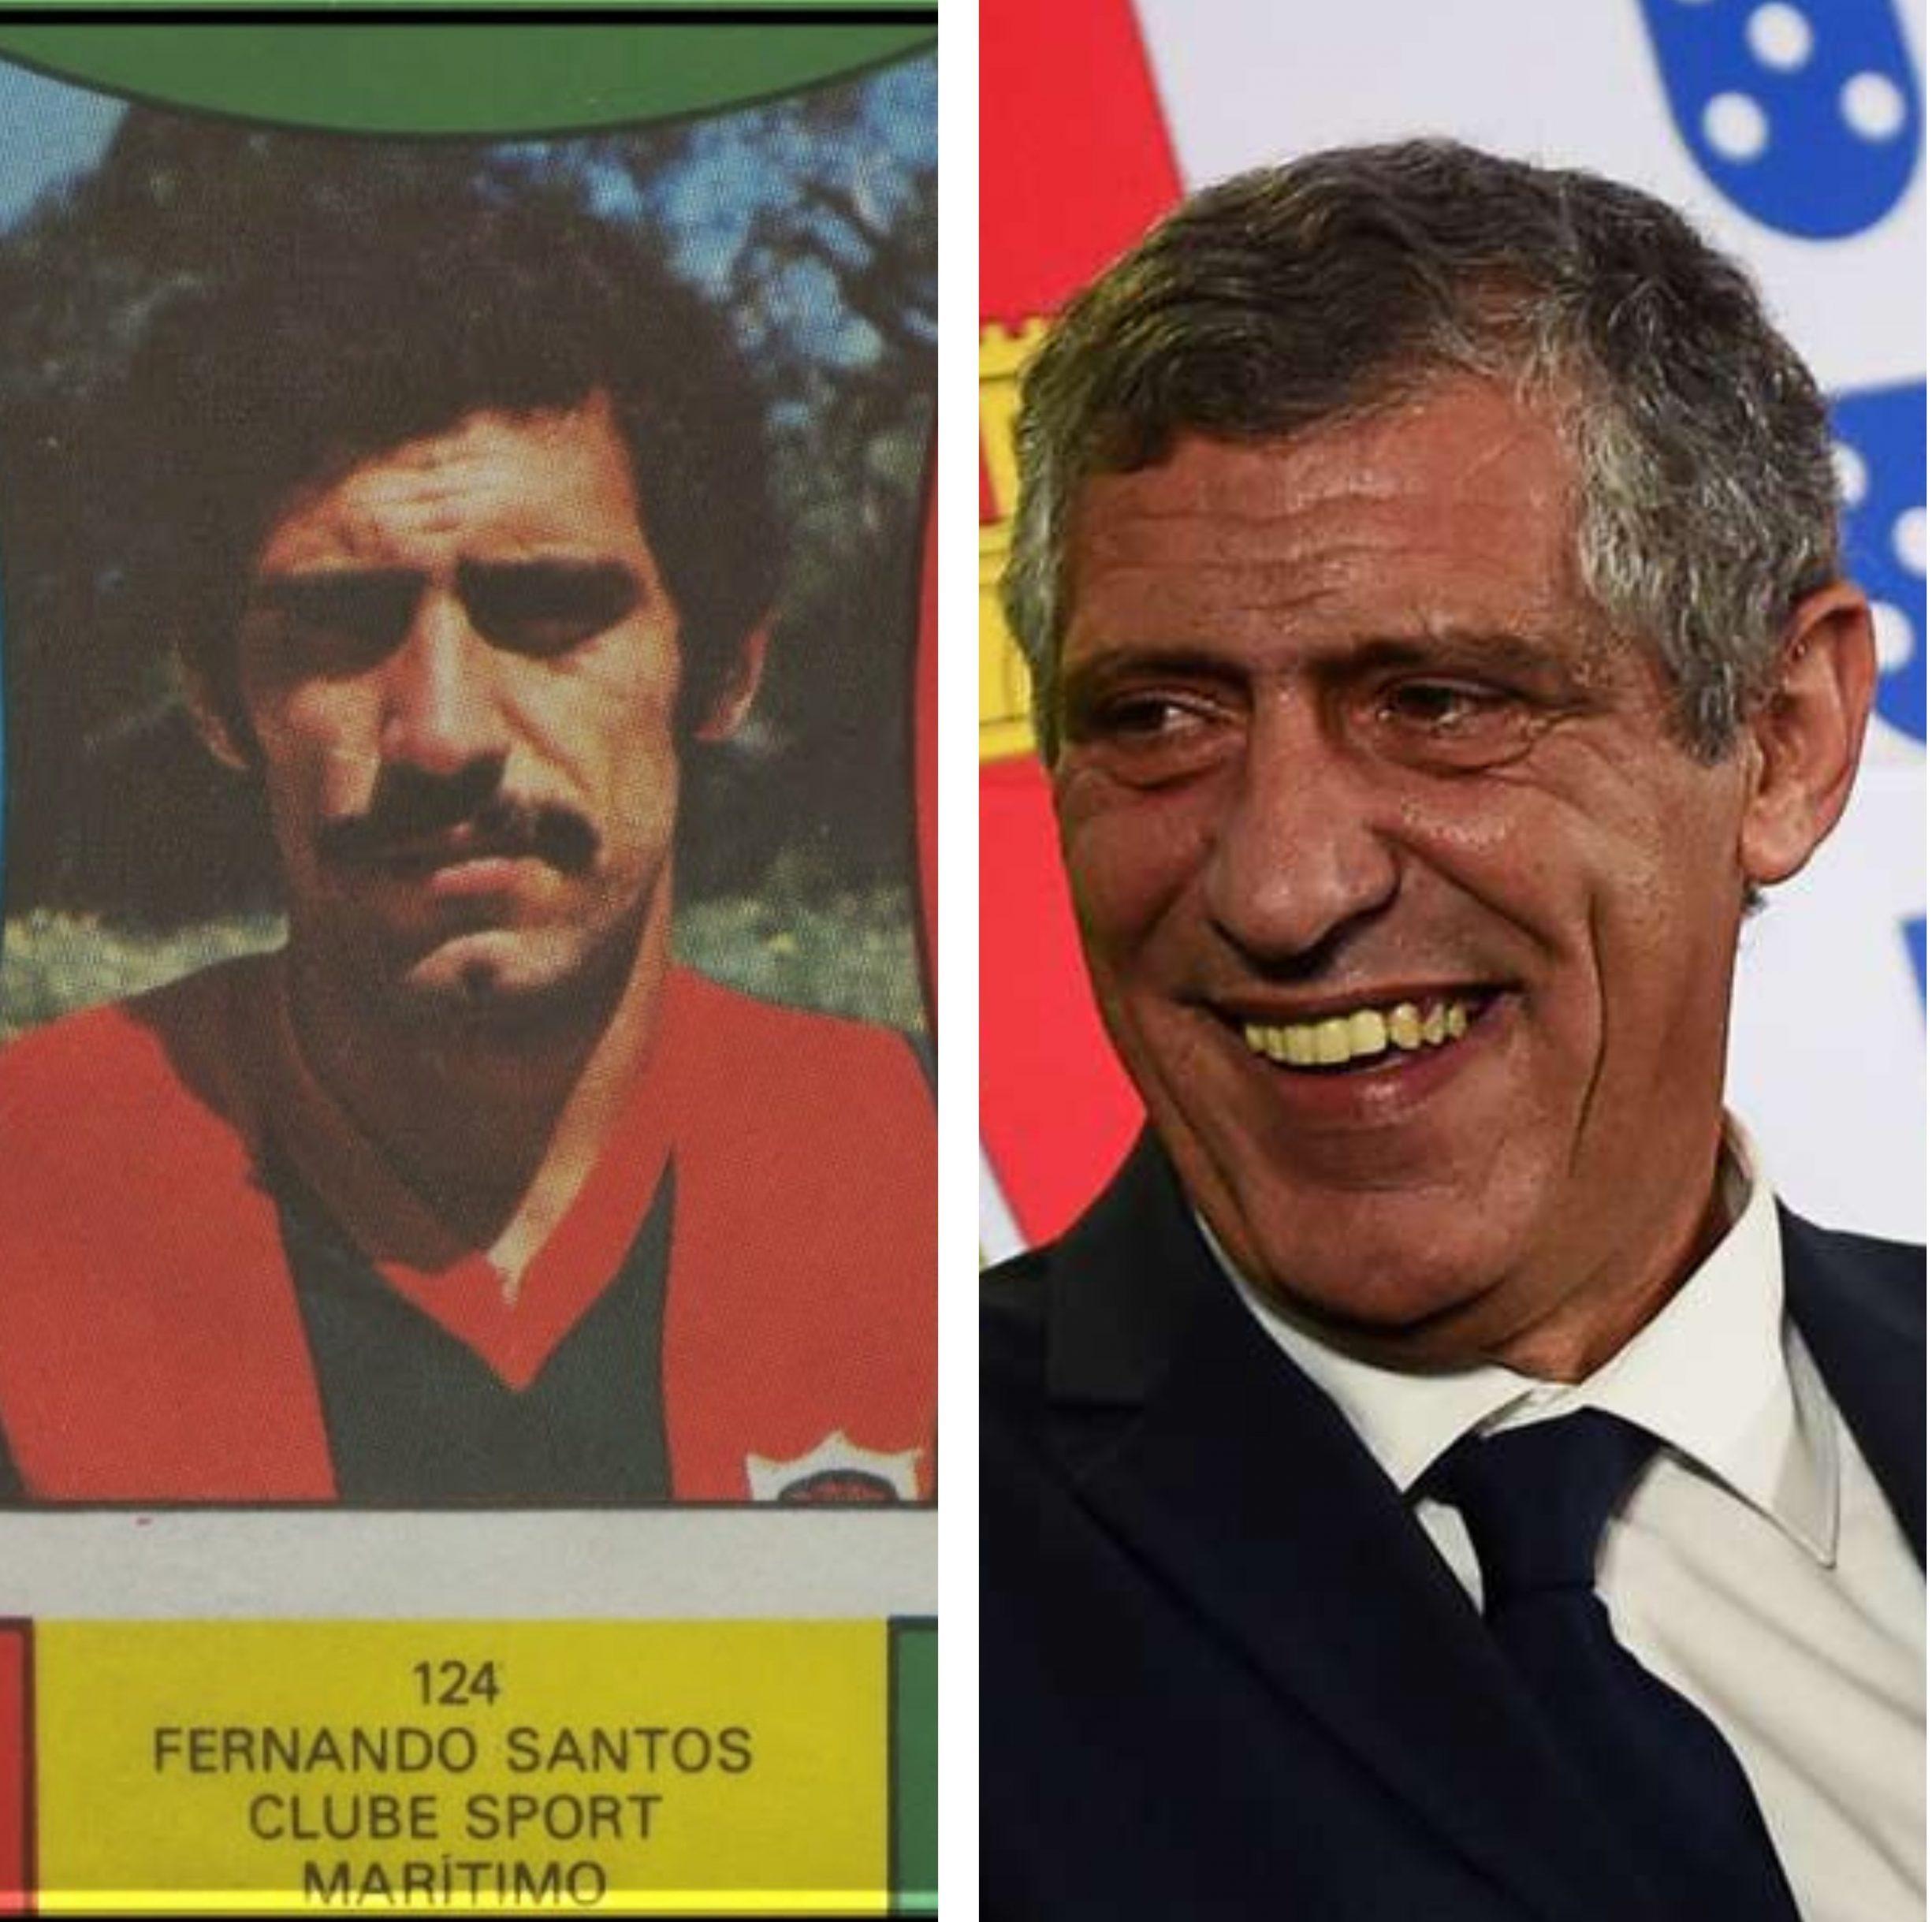 Fernando Santos (66 de ani) a jucat nu mai putin de 13 ani pentru Estoril si o scurta perioada la Maritimo. S-a retras la 33 de ani, in 1987. Sursa foto: colaj Fanatik